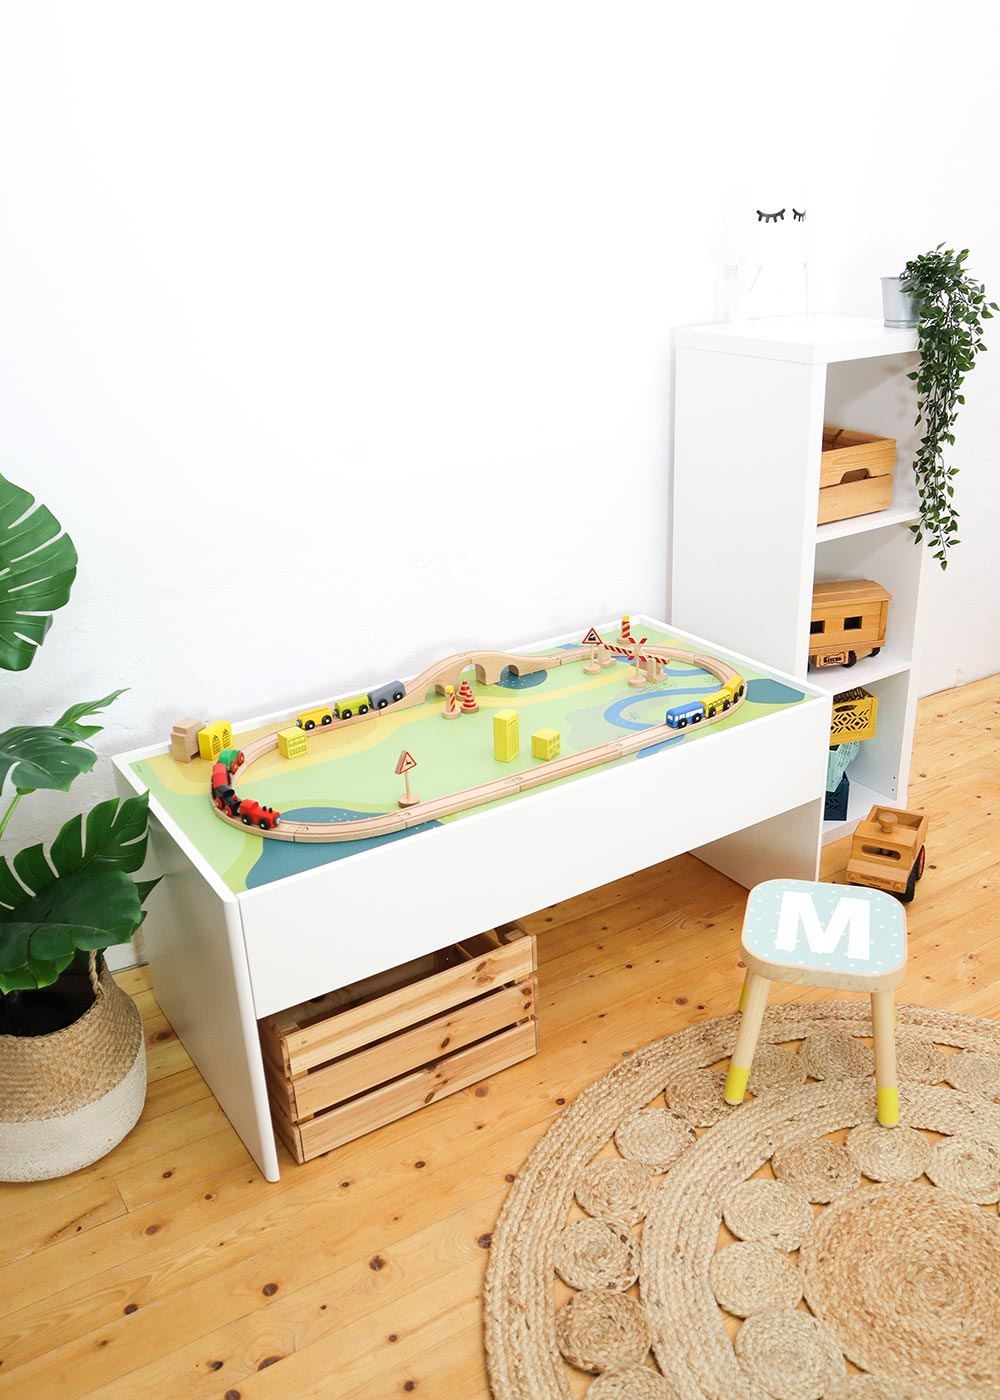 Ikea Dundra Spieltisch Spielwiese Frontansicht schräg oben